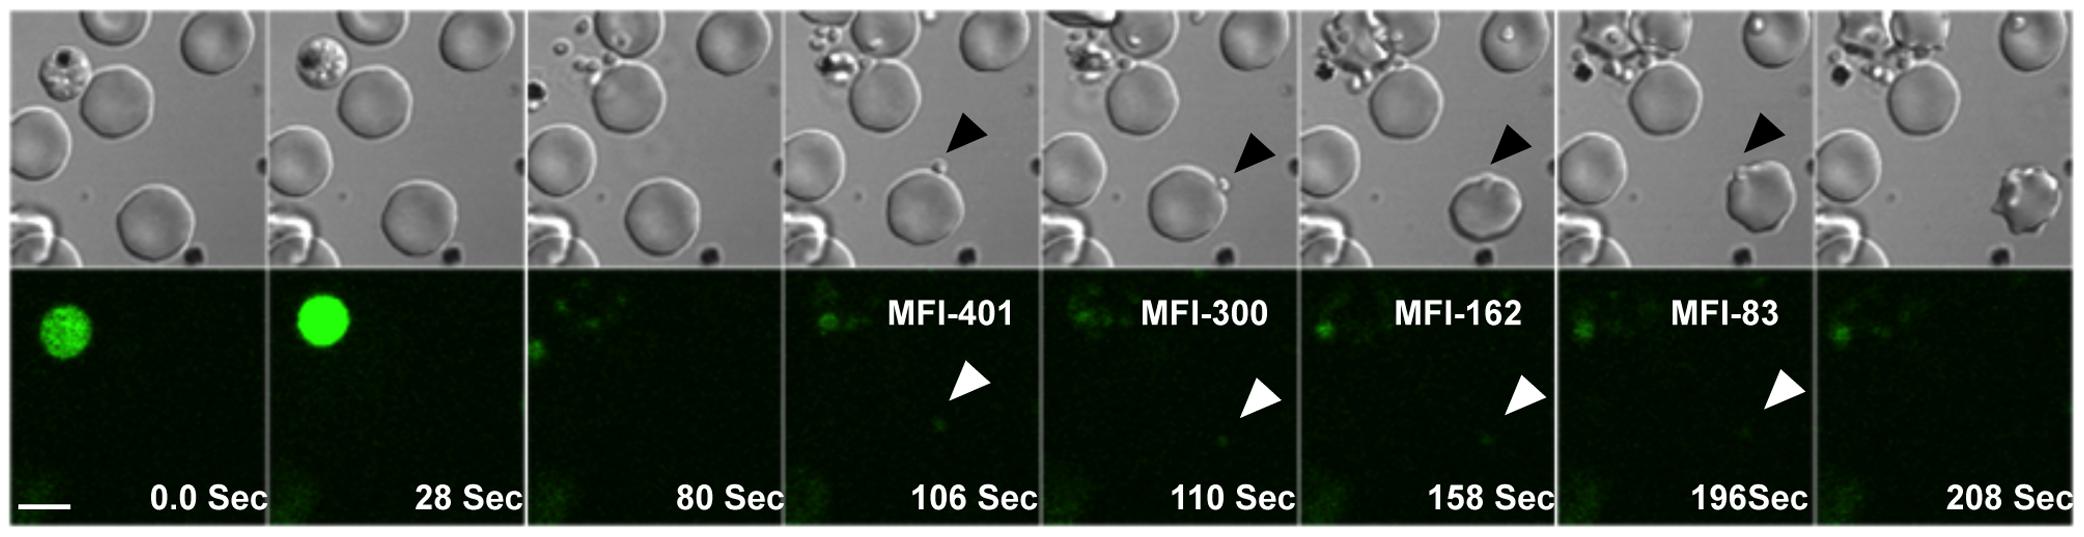 Cytosolic calcium levels in <i>P. falciparum</i> merozoites during erythrocyte invasion.